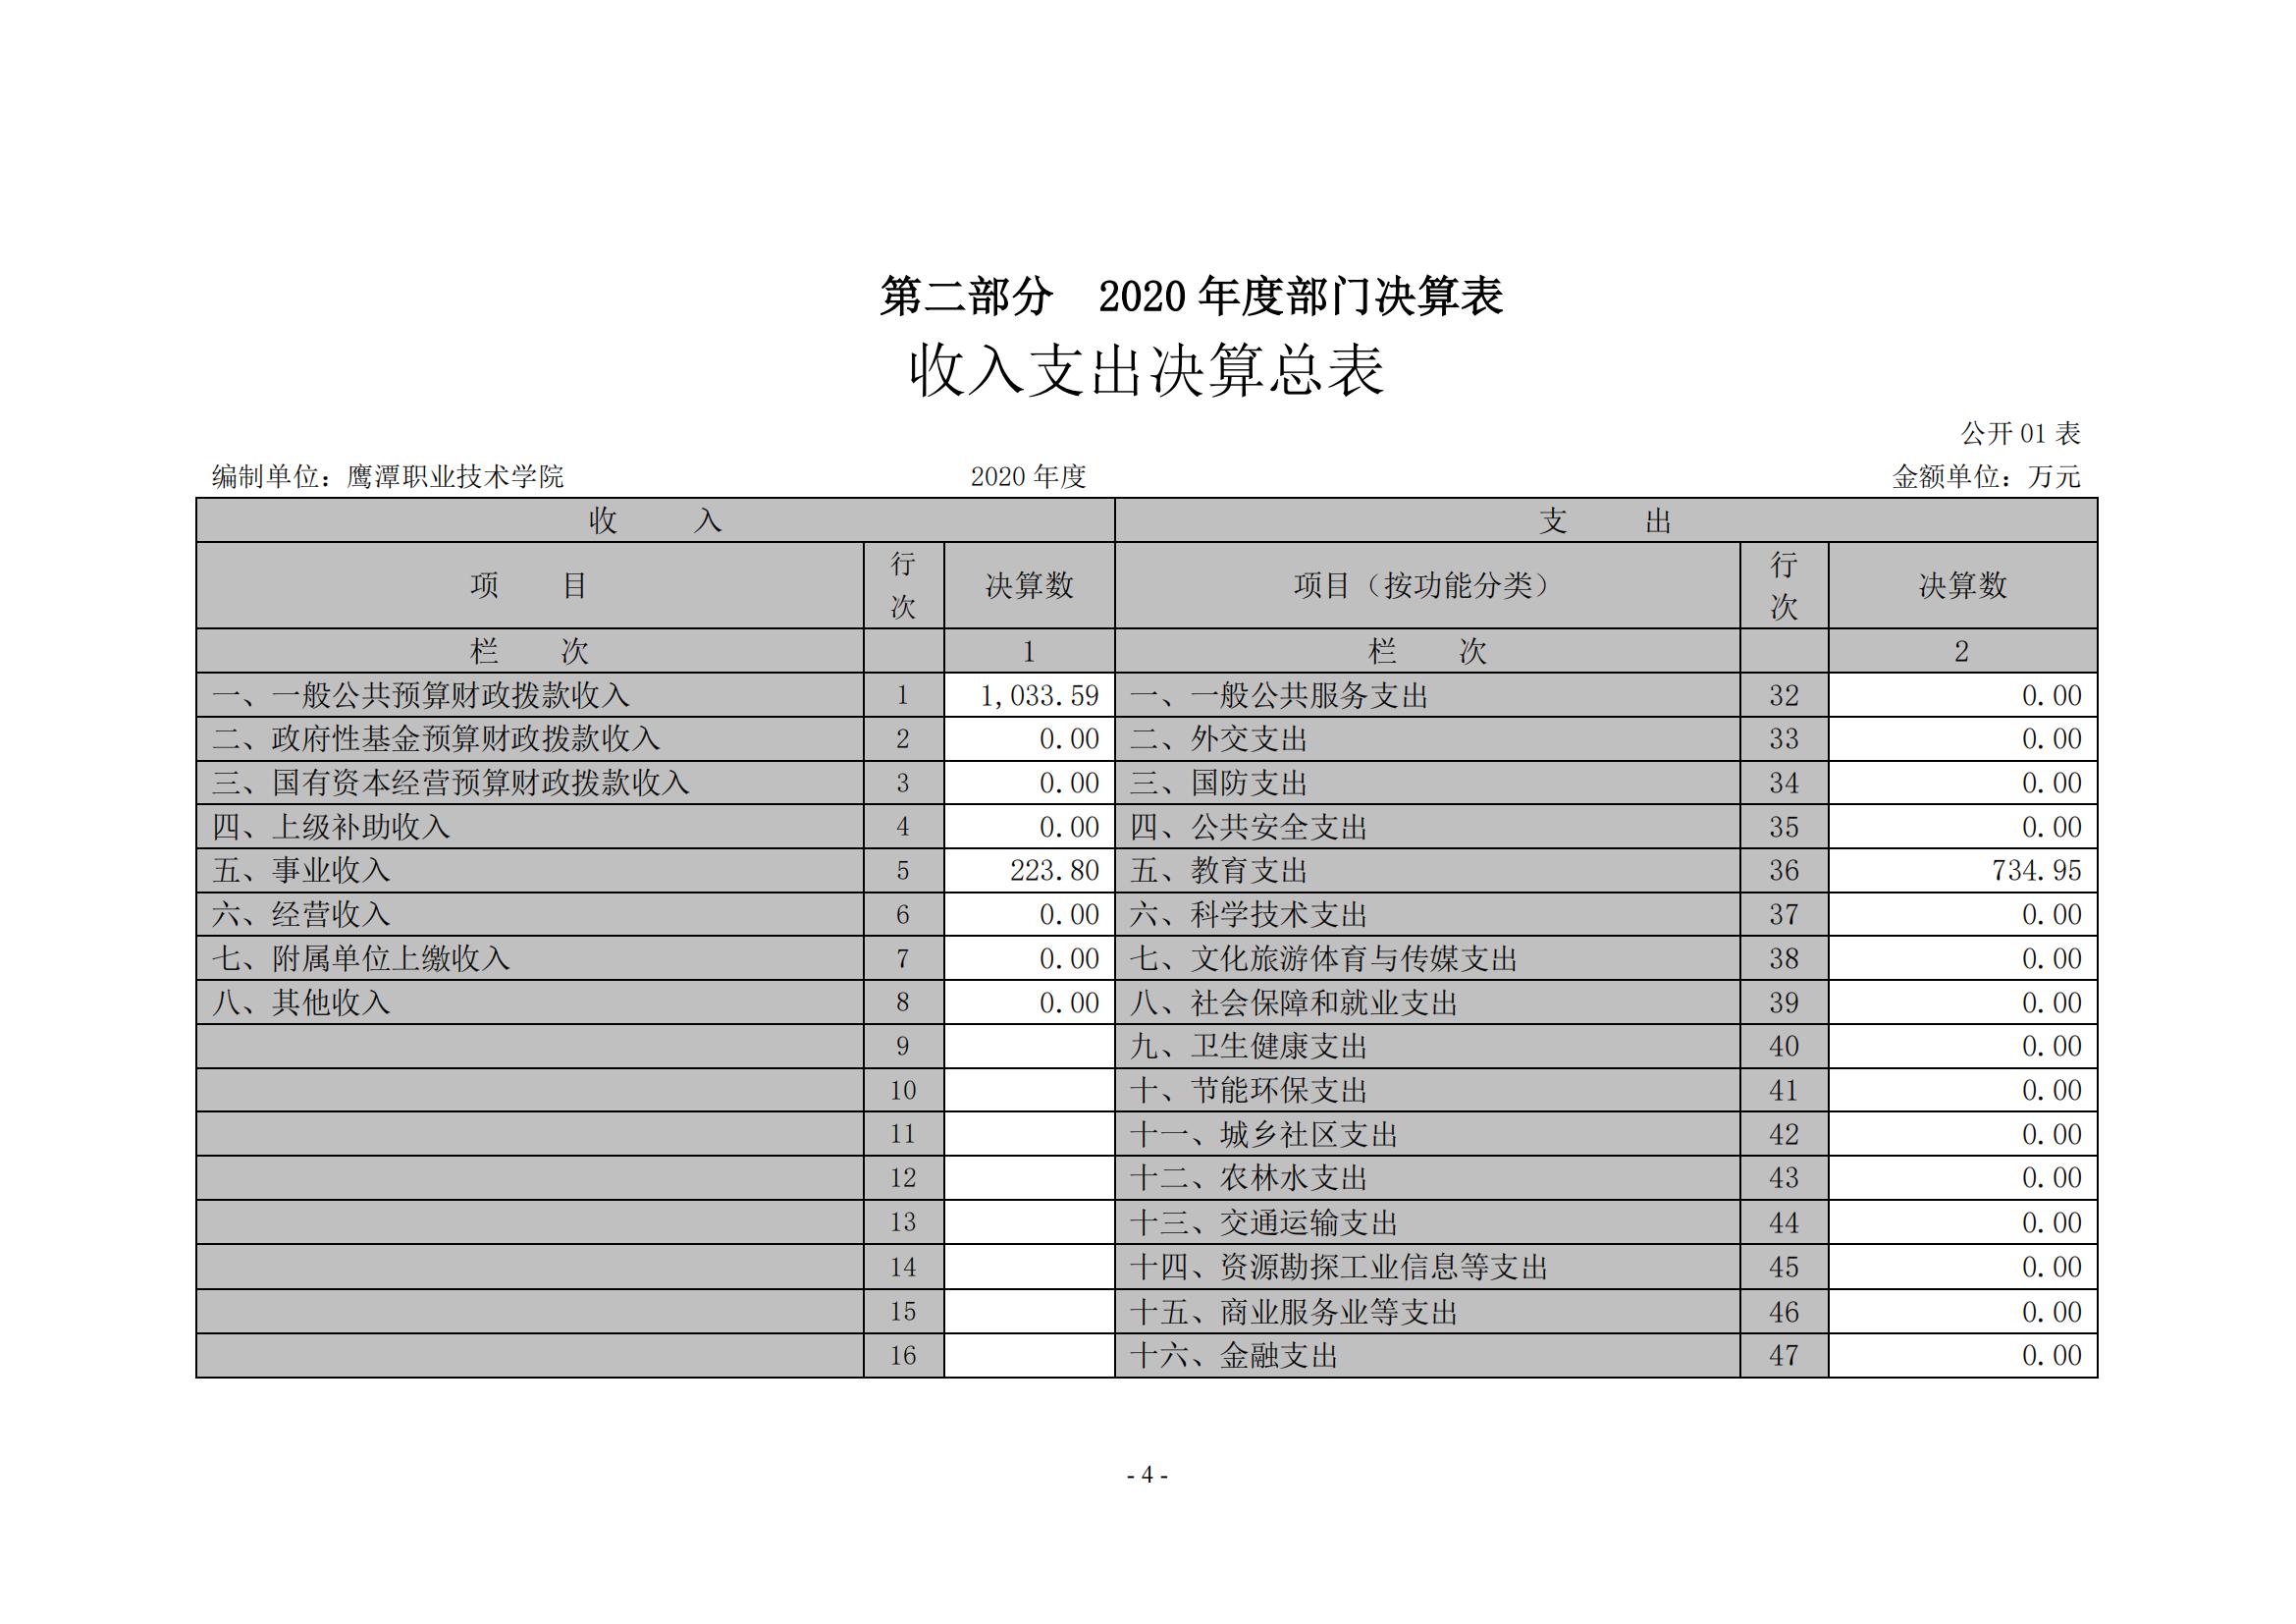 新金沙登录wl888xjscc2020年度部门决算0_03